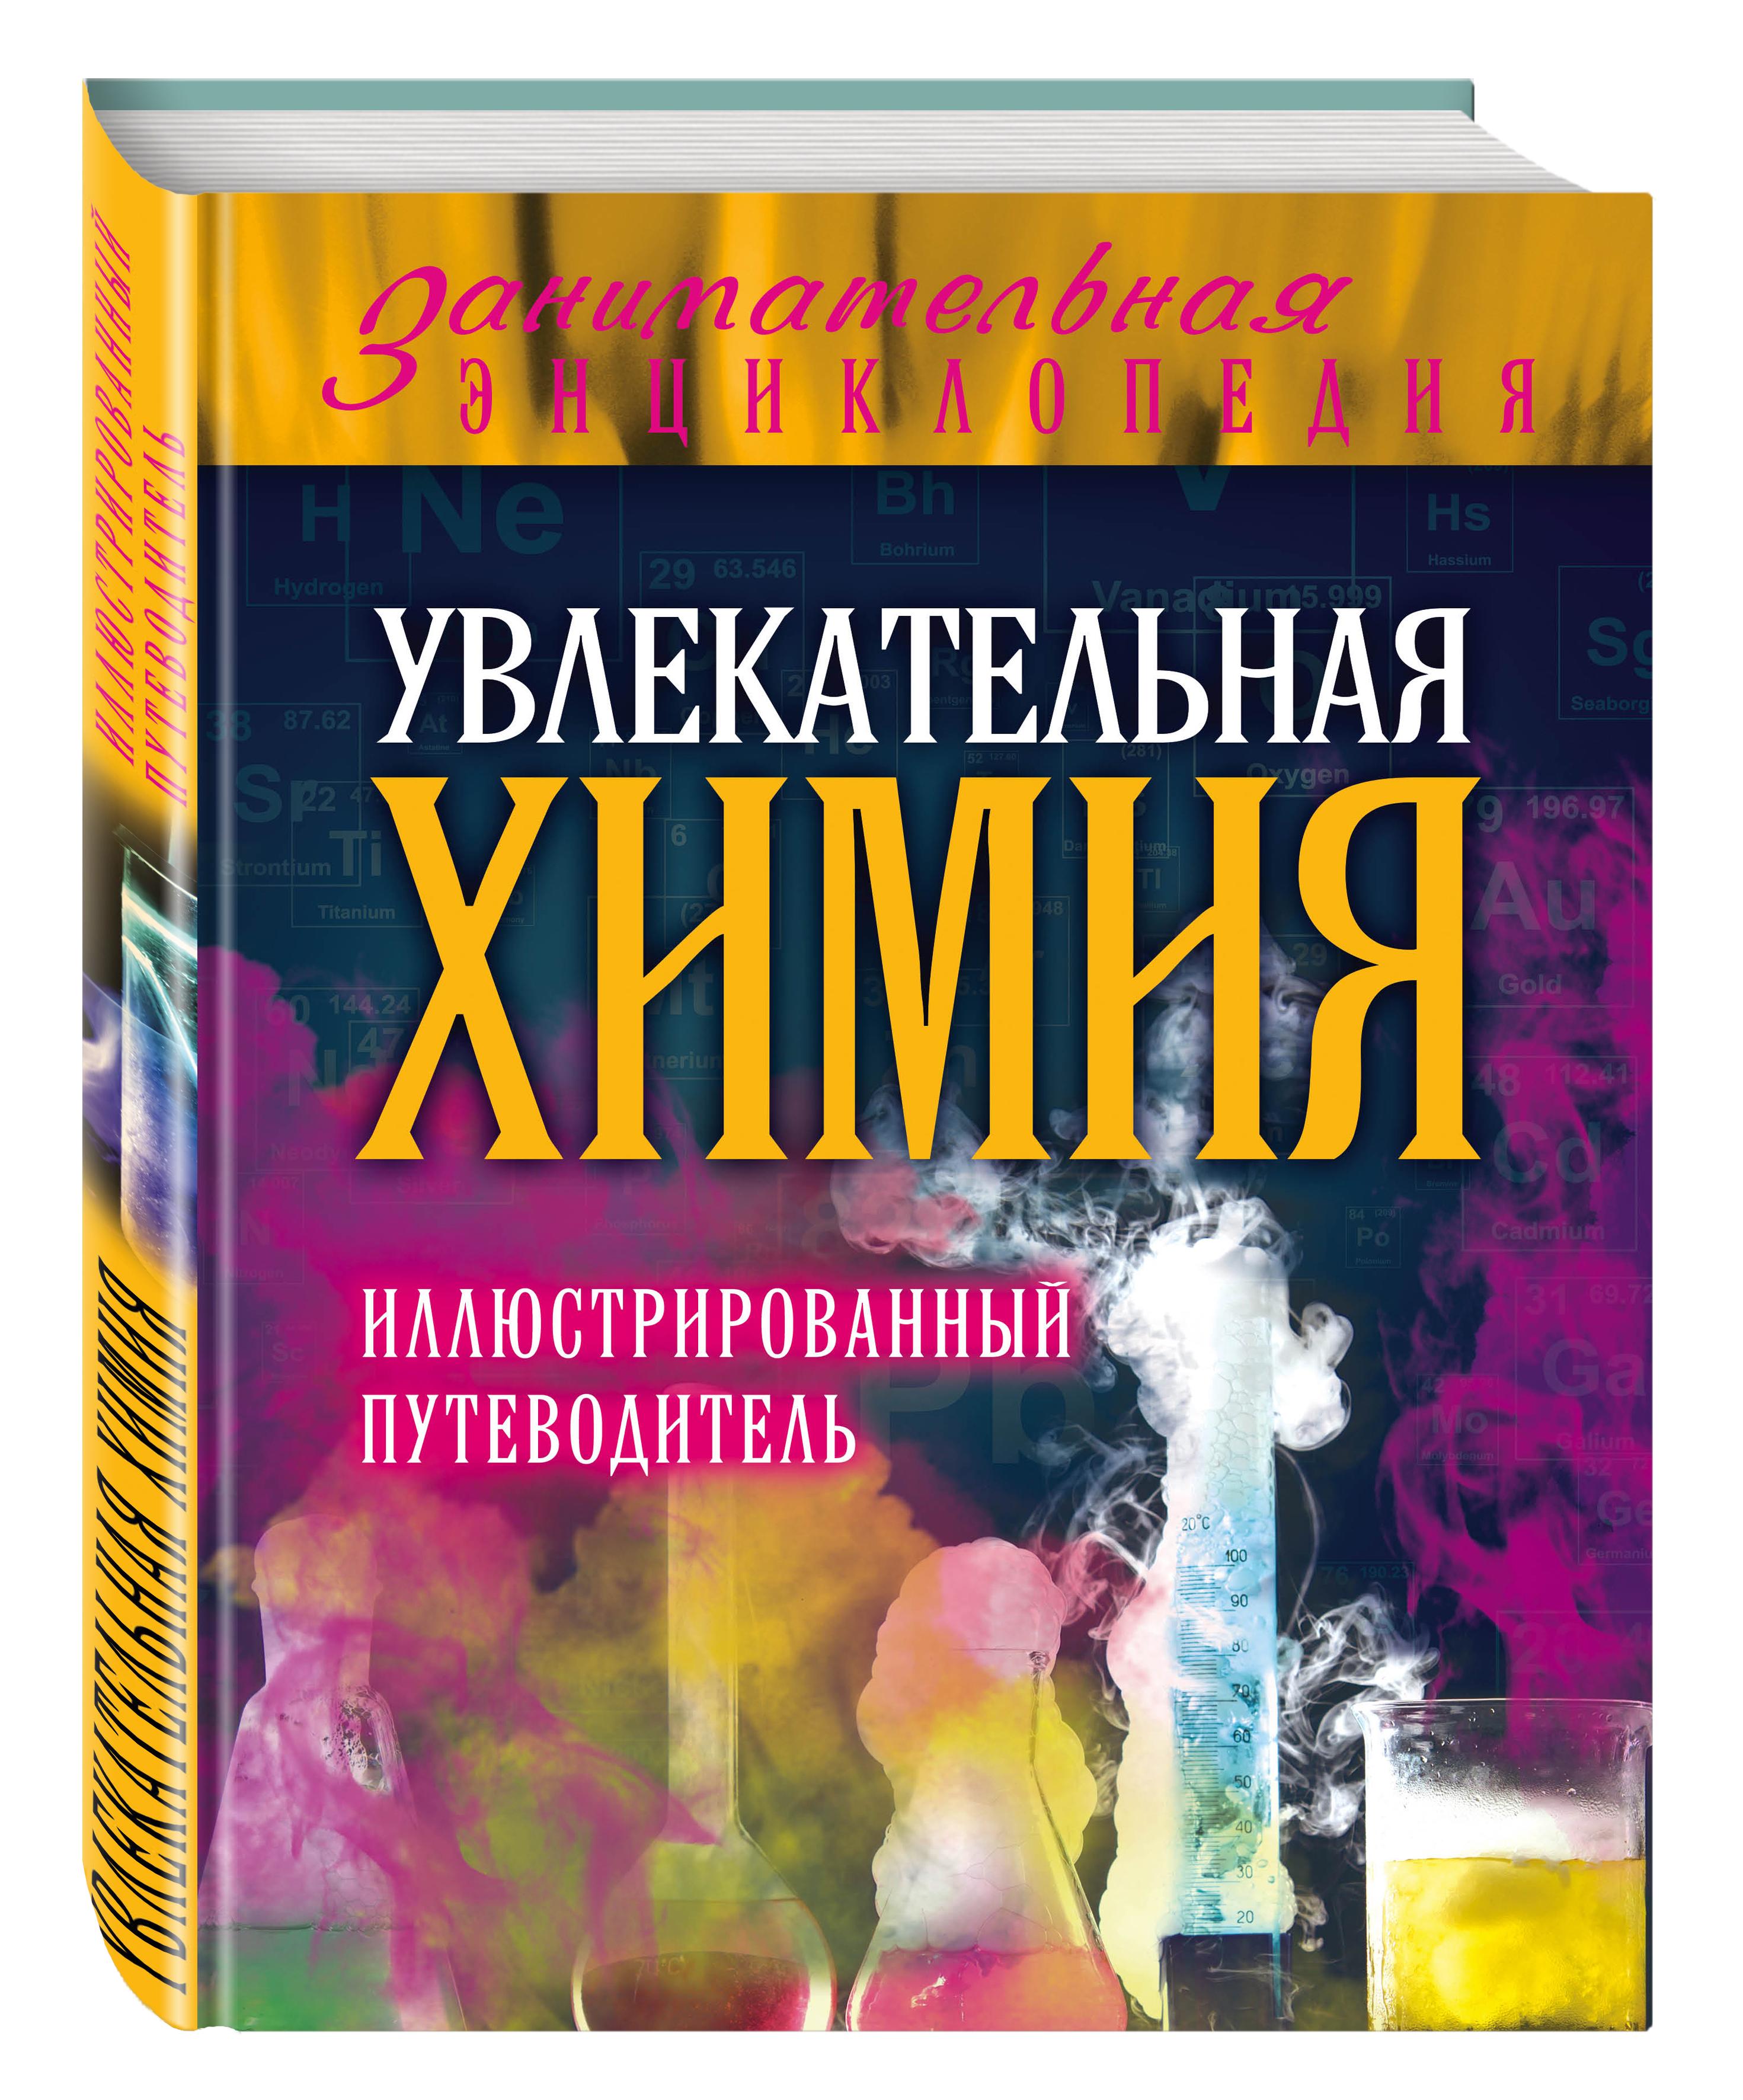 Увлекательная химия: иллюстрированный путеводитель ( Ковзун Д.Ю., Добрыня Ю.М., Авласенко Г.П.  )